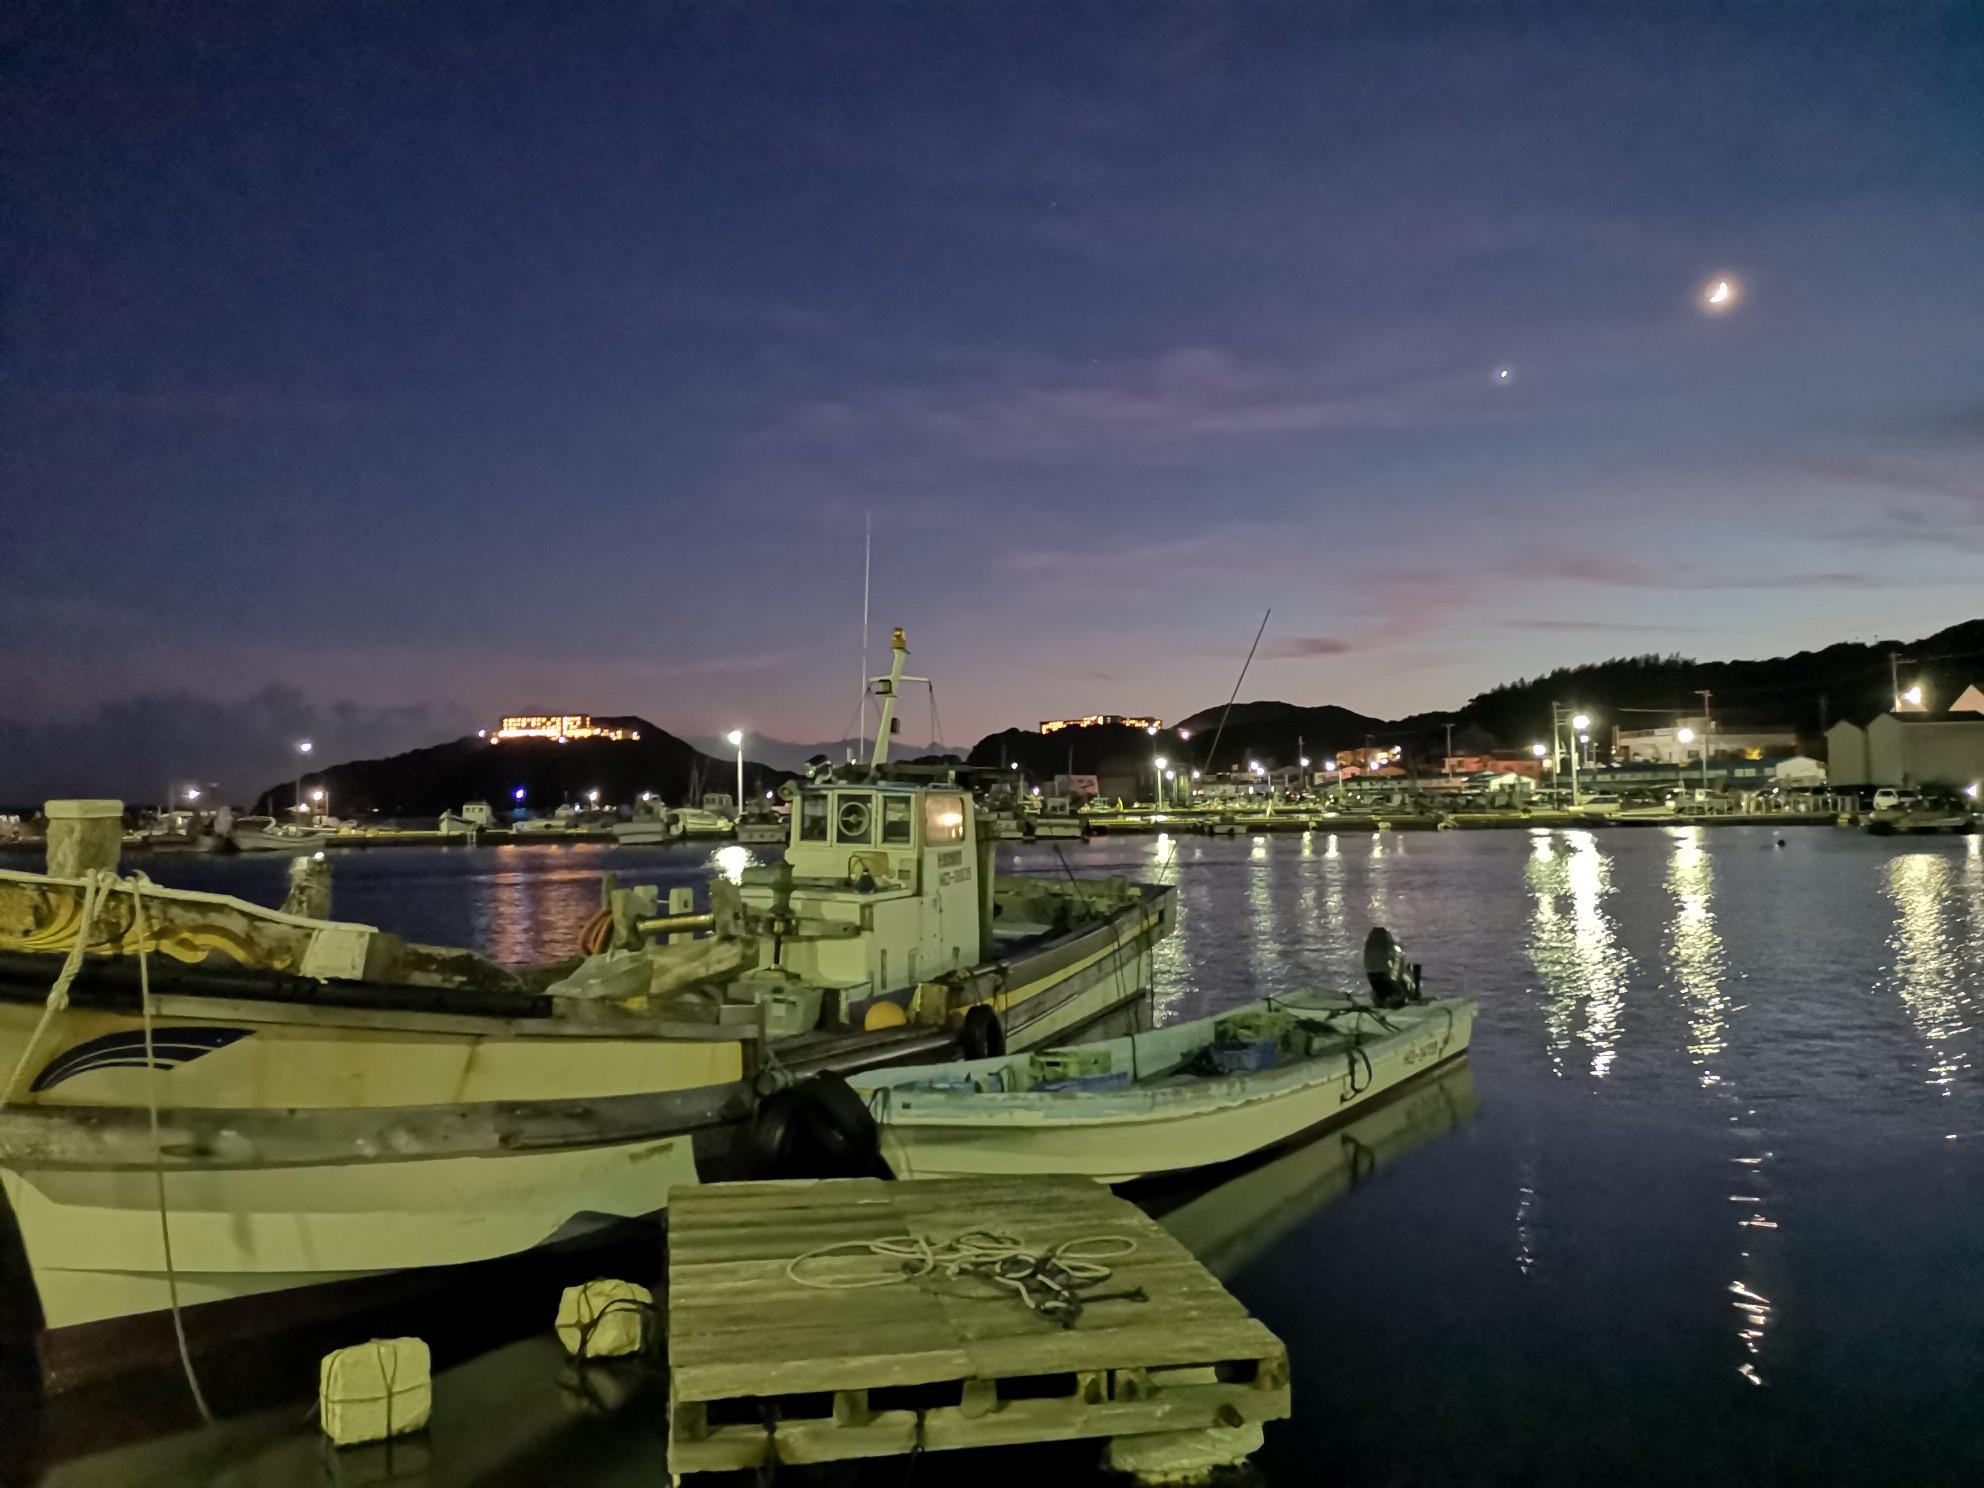 福良湾海上花火大会の福良港